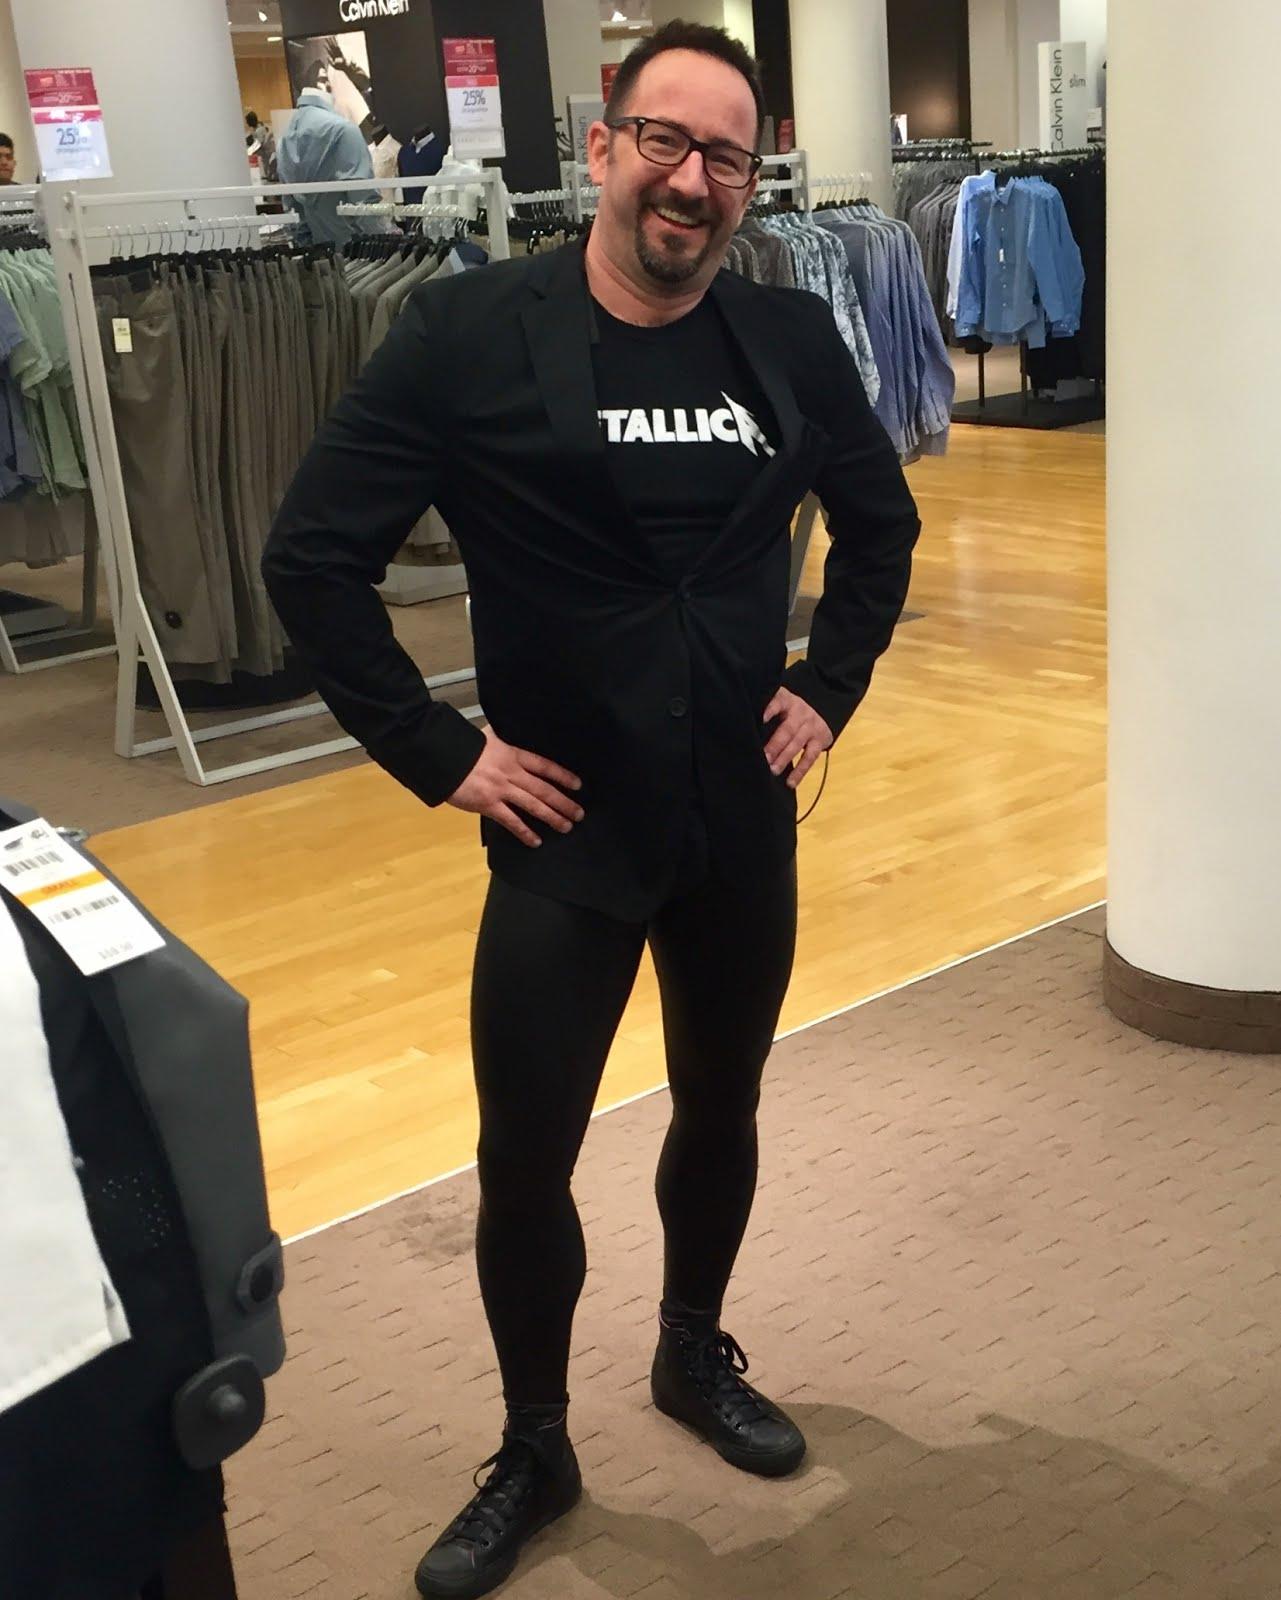 Men who wear pantyhose fetish